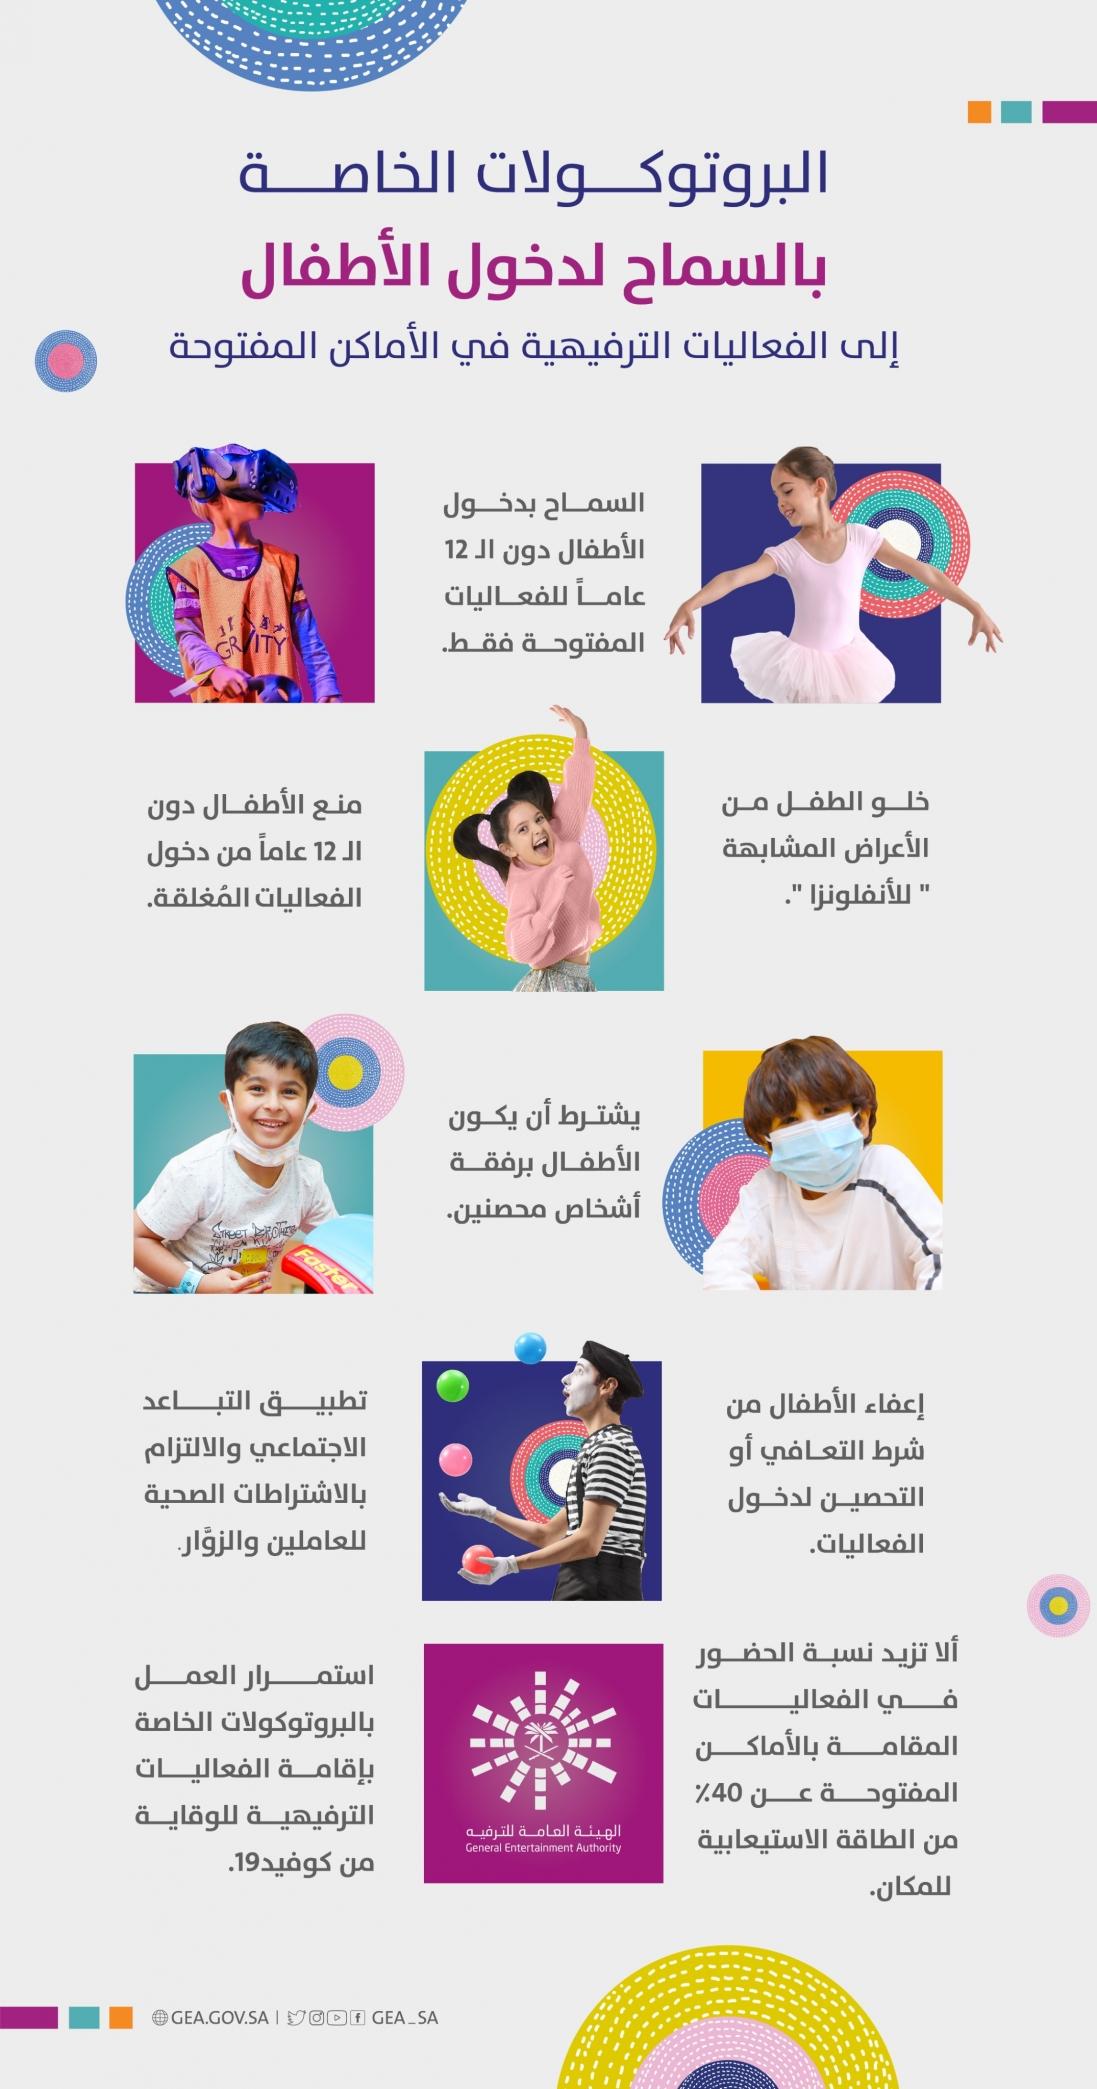 هيئة الترفيه الاطفال